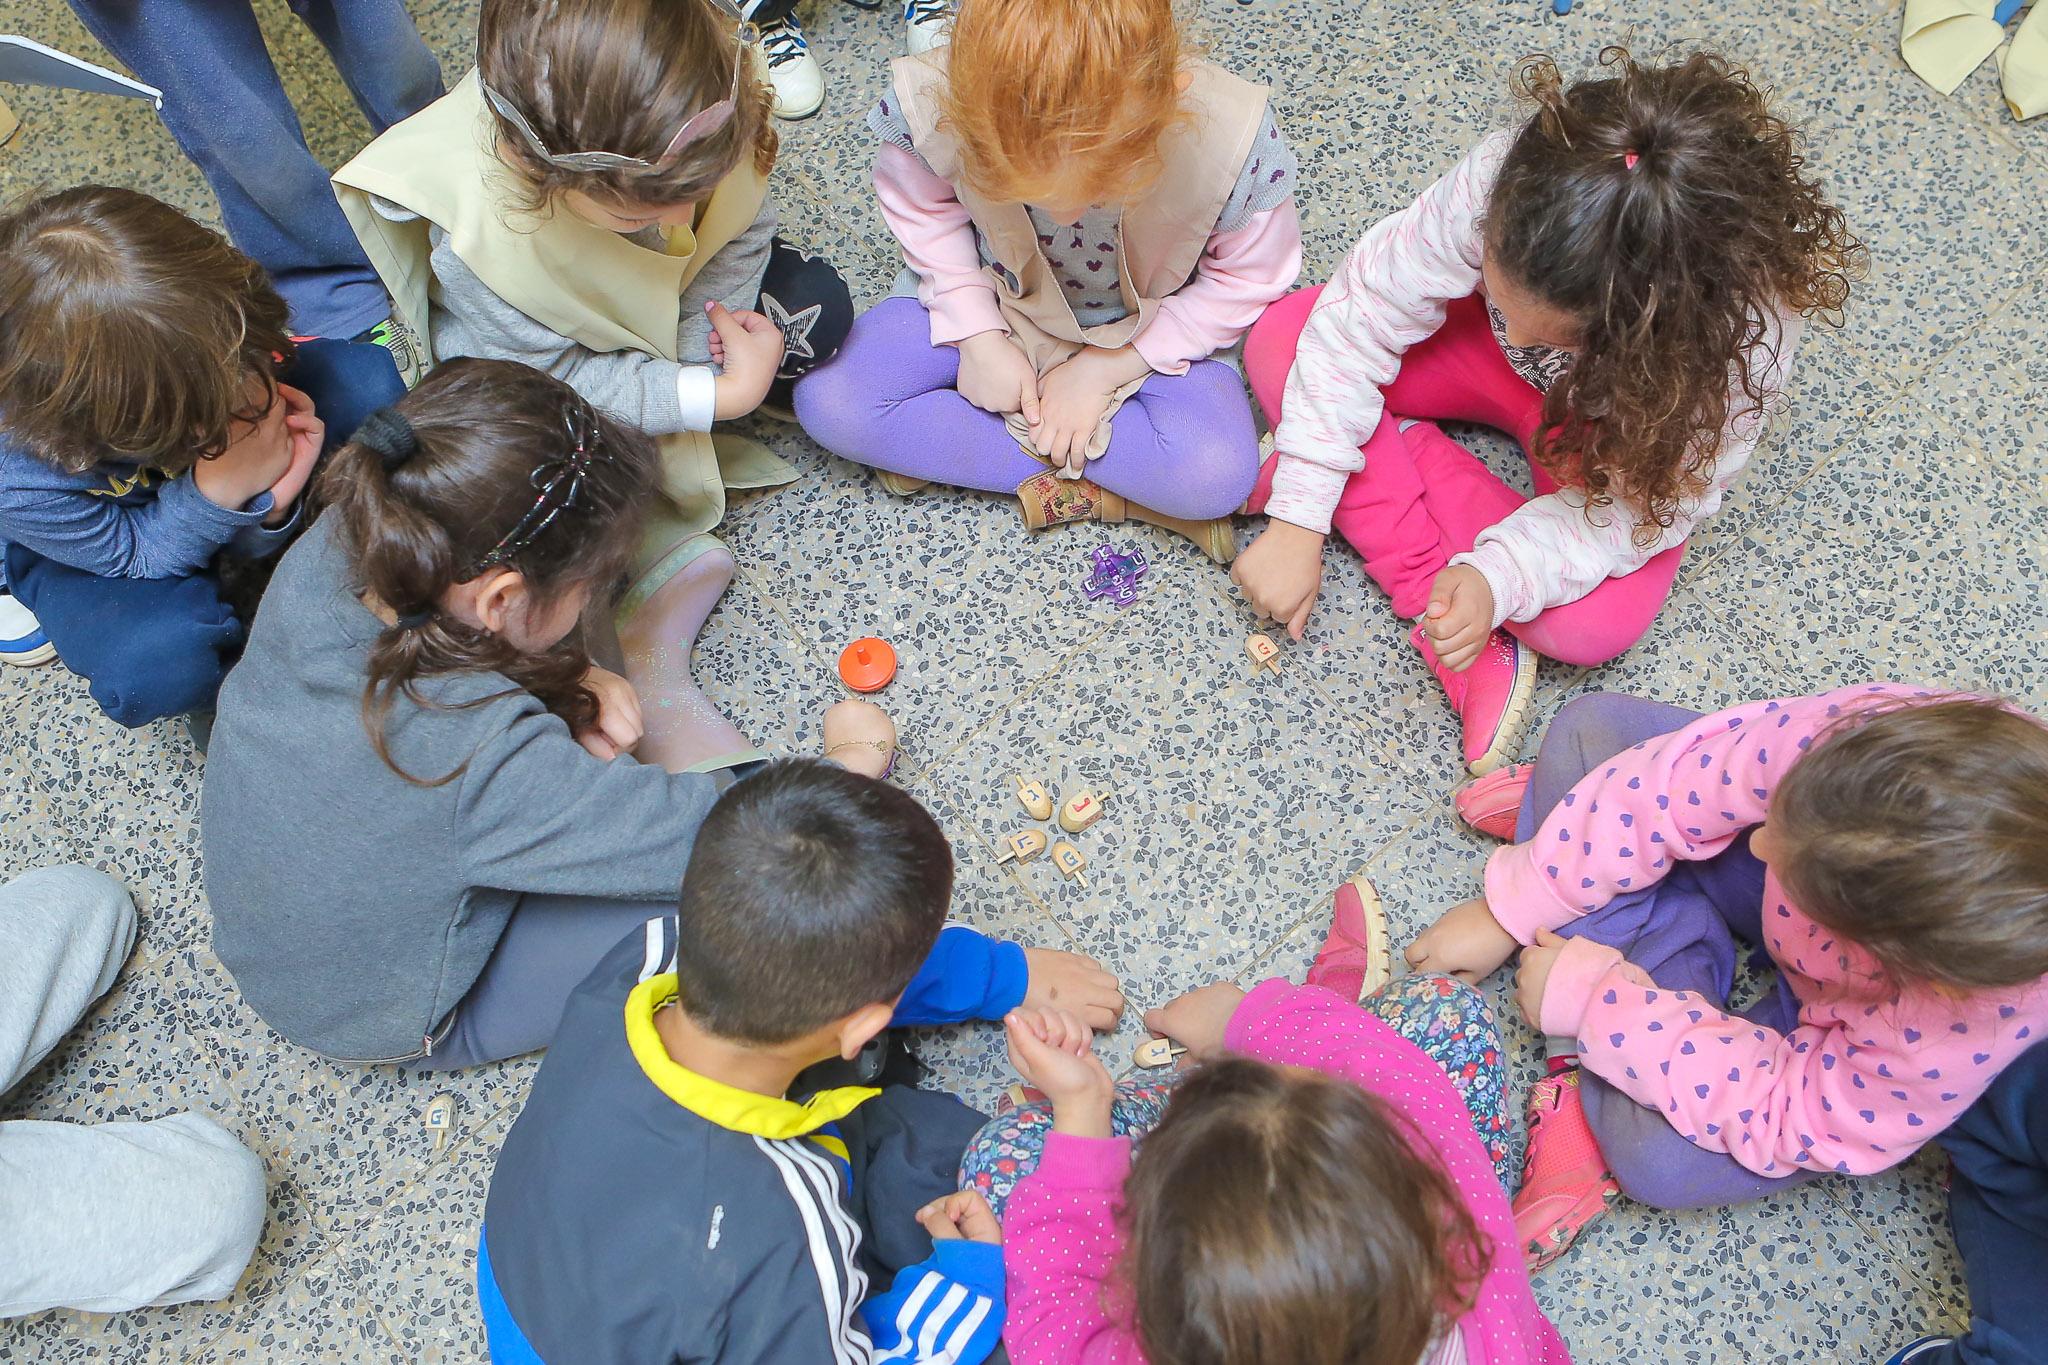 העירייה תממן את בית הספר ב-600 אלף שקל. צילום אילוסטרציה: יוסי אלתמן